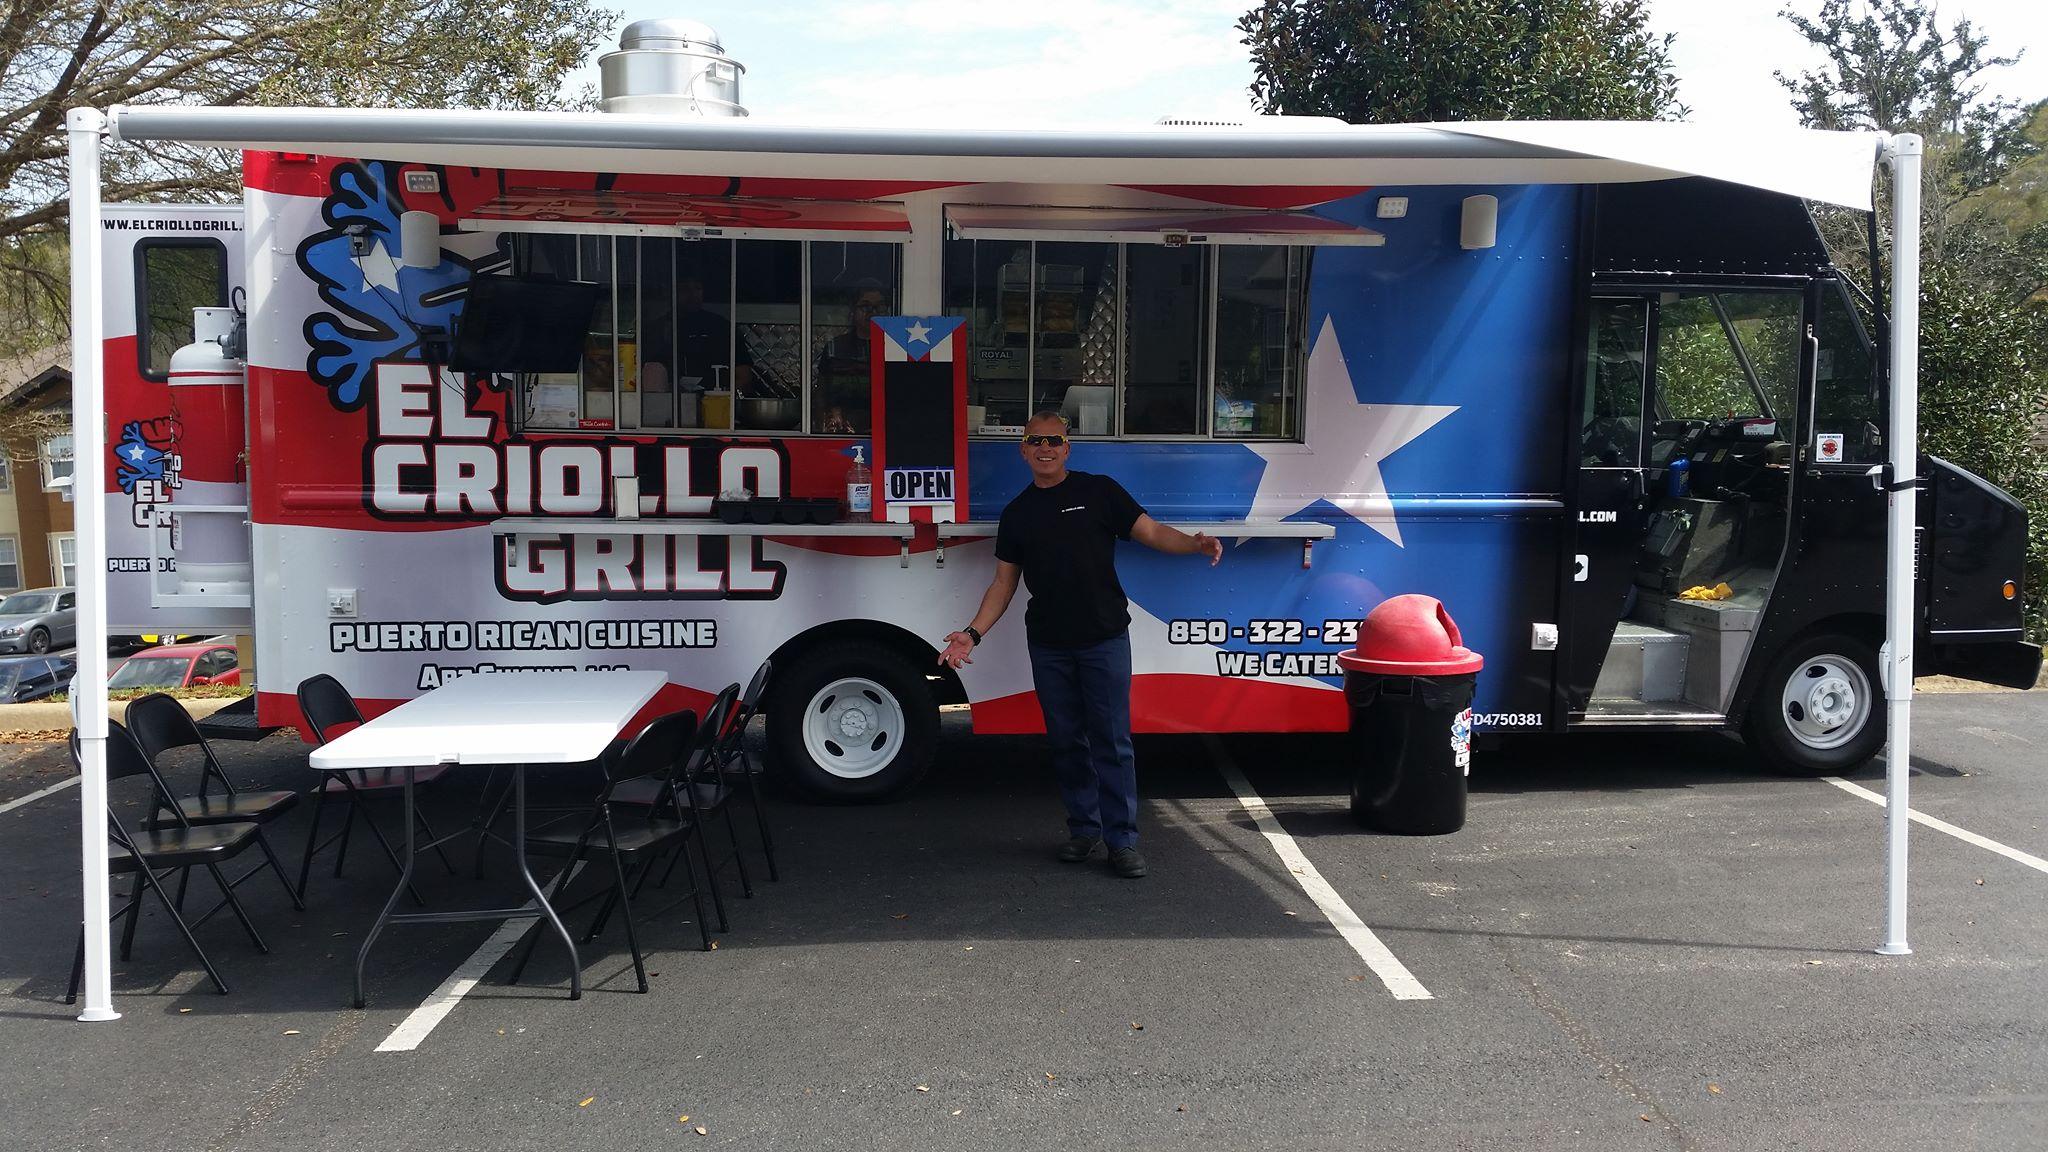 El Criollo Grill Food Truck